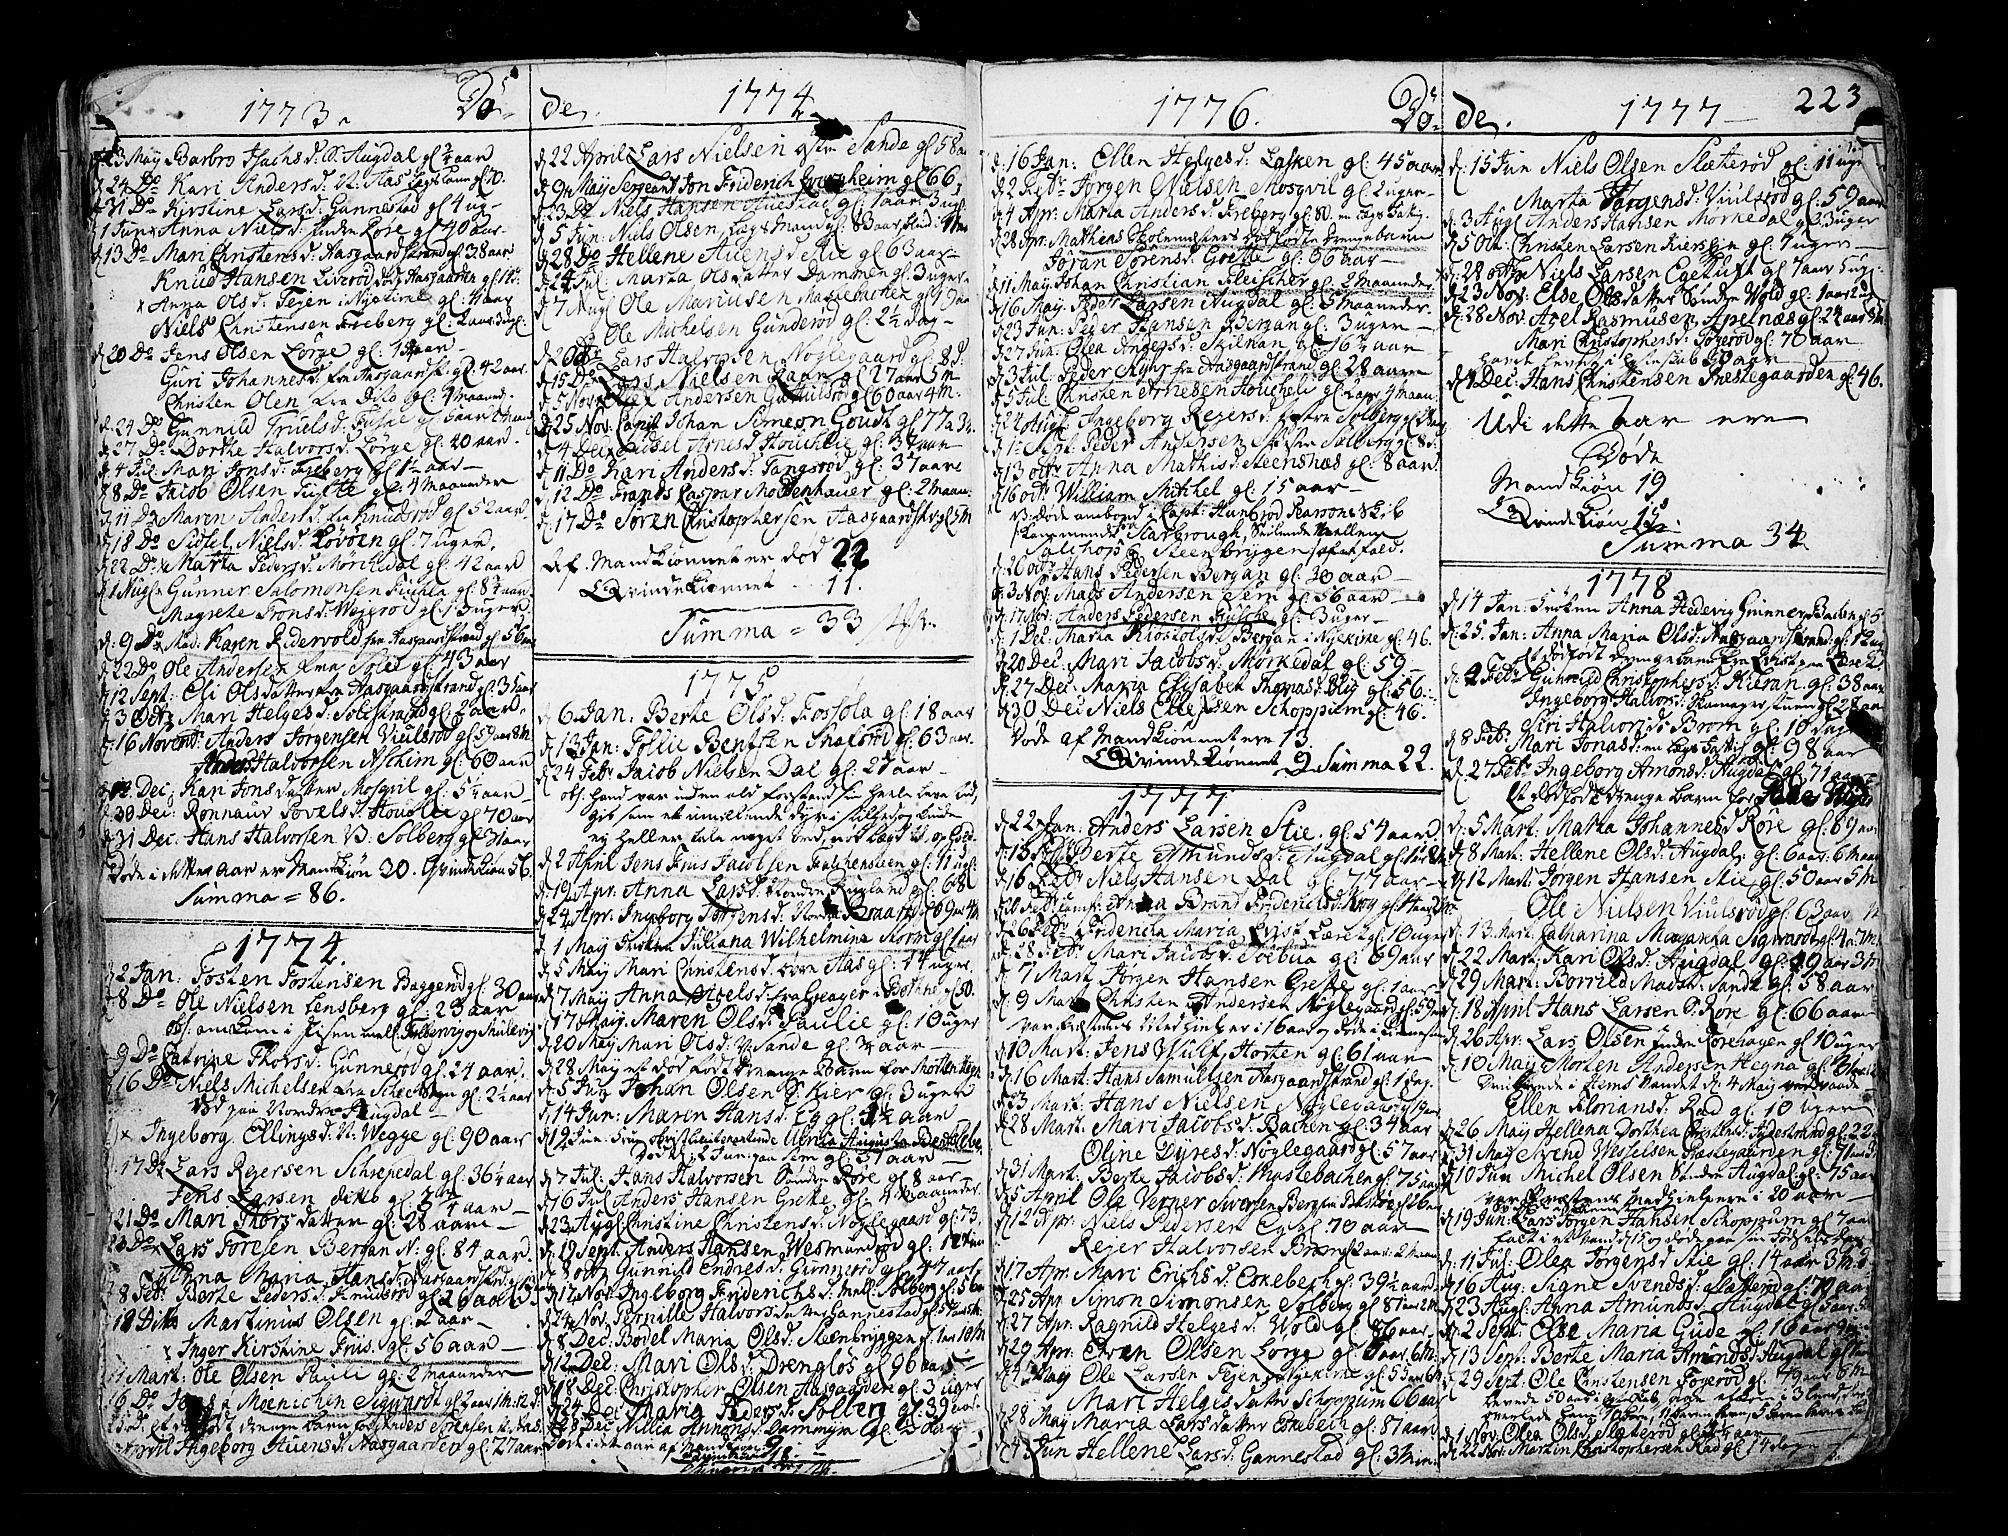 SAKO, Borre kirkebøker, F/Fa/L0002: Ministerialbok nr. I 2, 1752-1806, s. 223